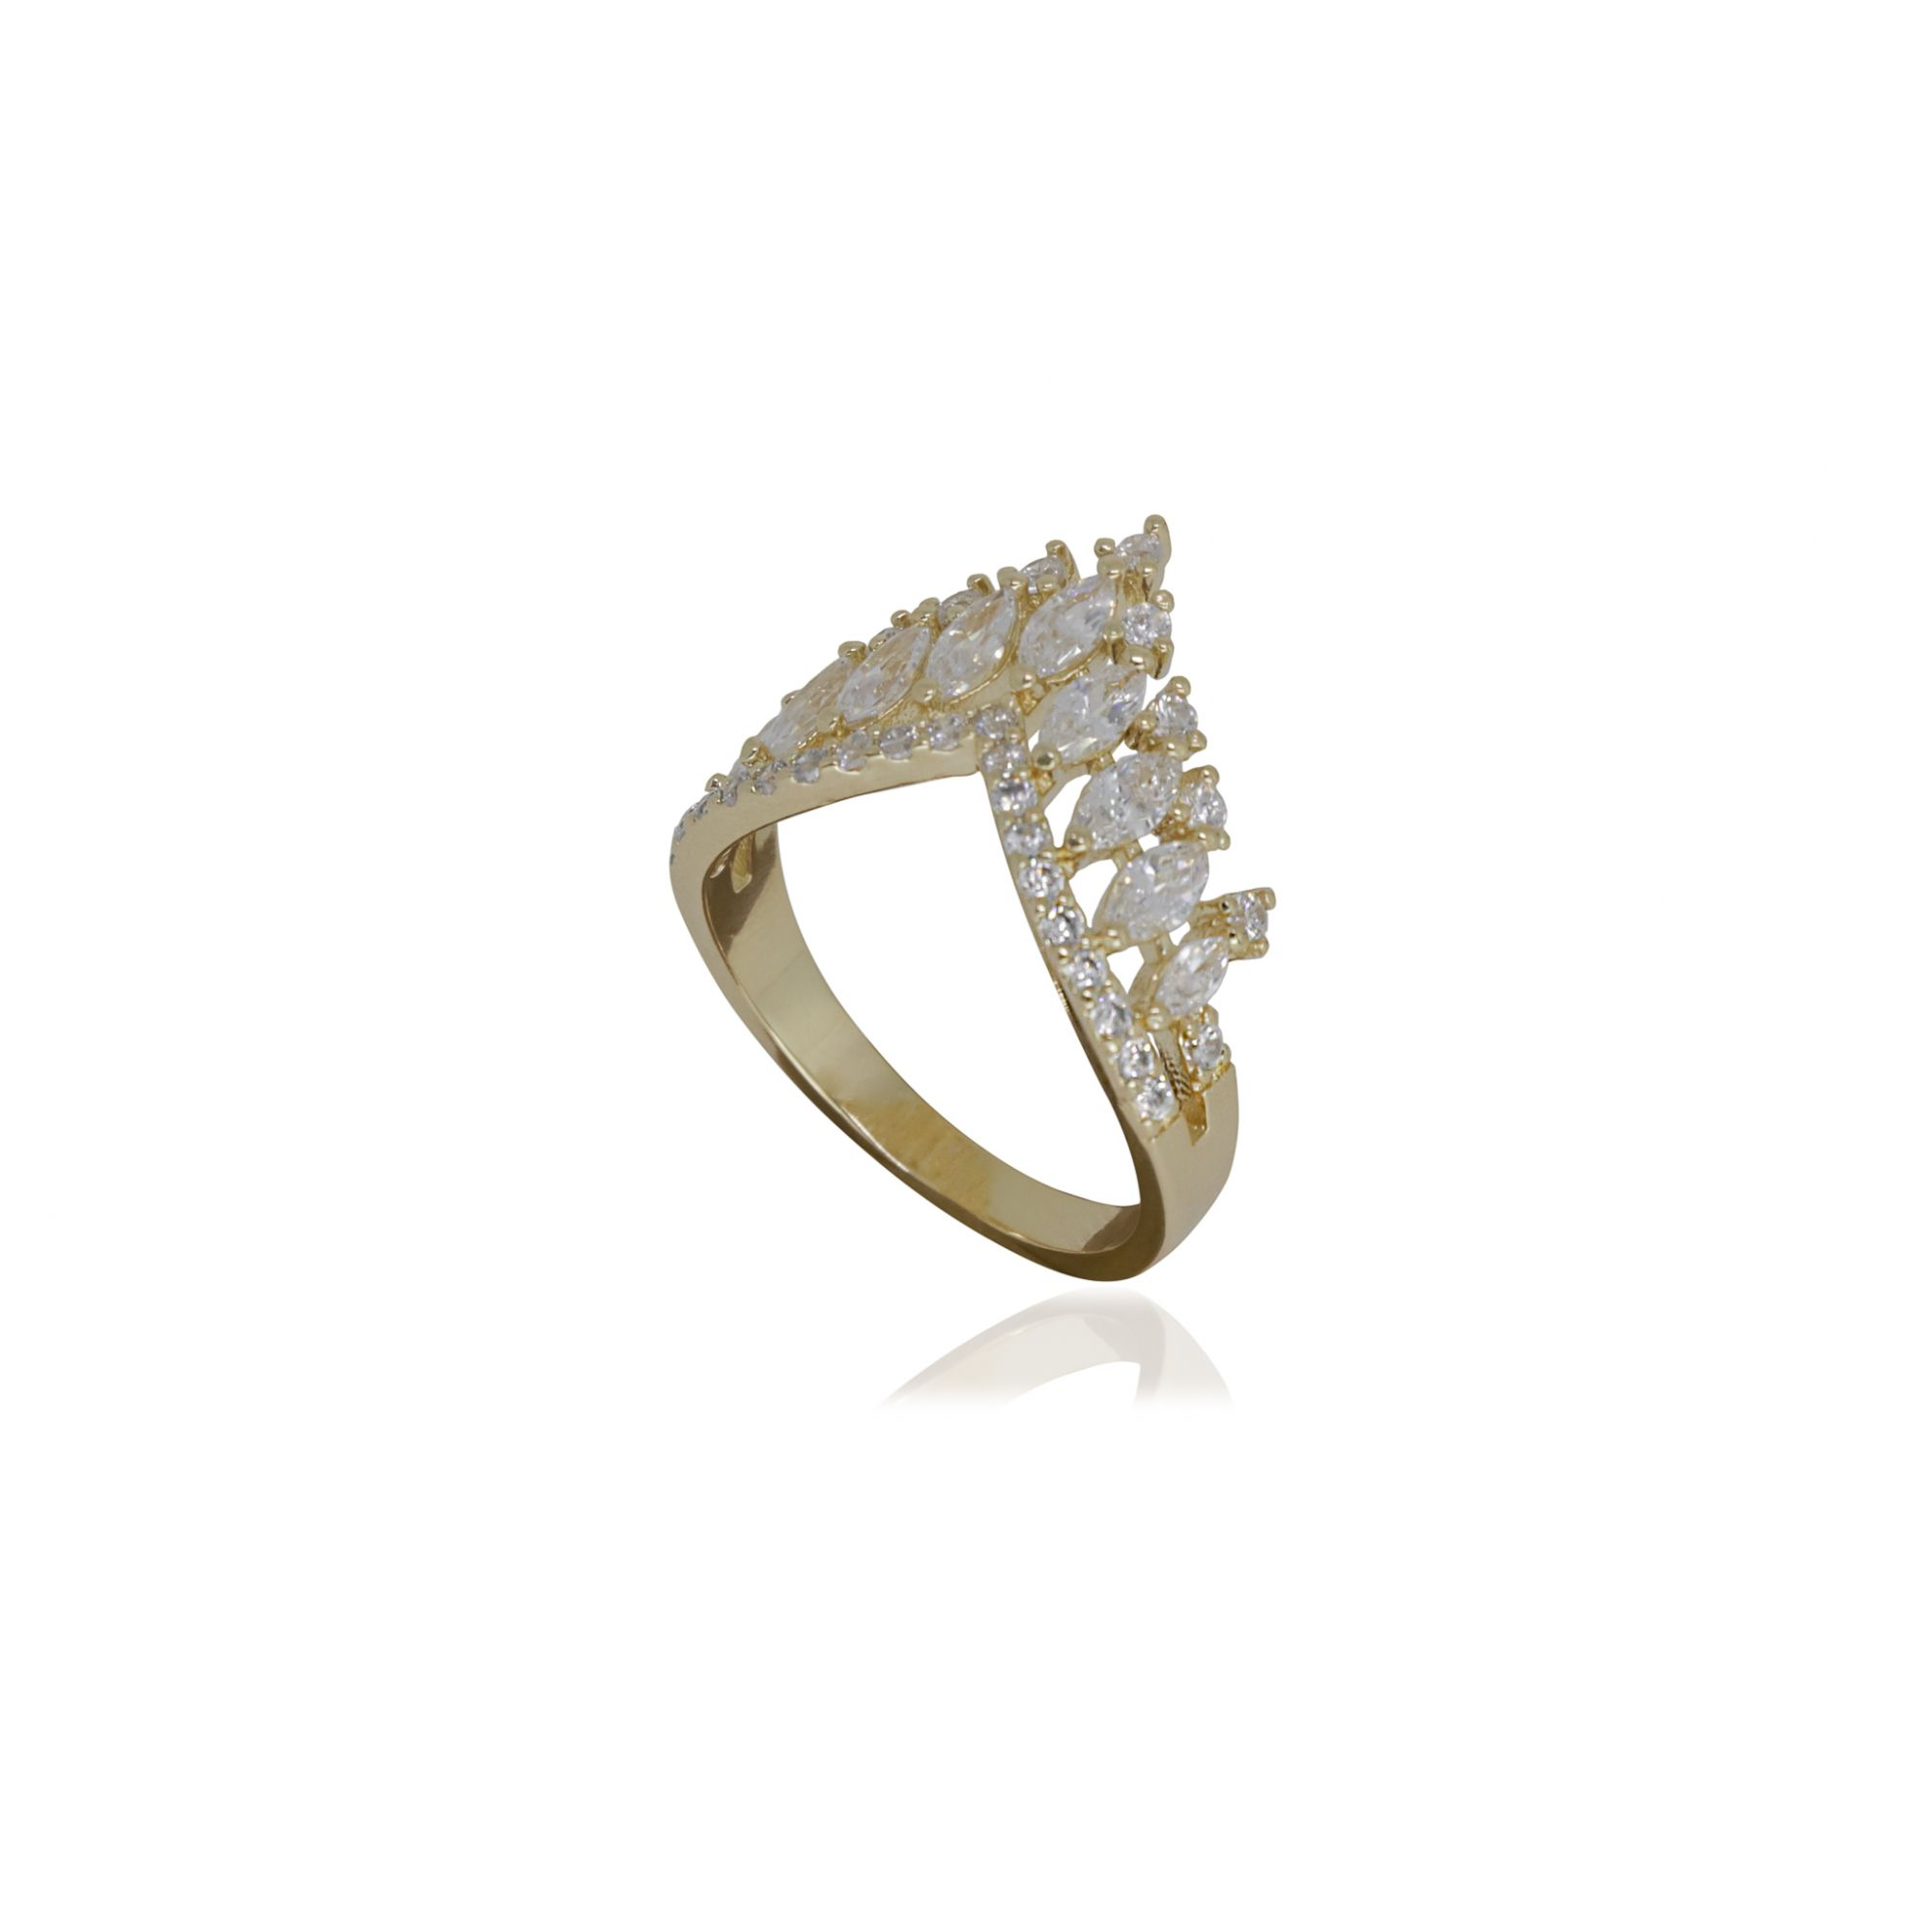 Anel Semi joia coroa em zircônia e banhado a ouro 18k ou rhodium